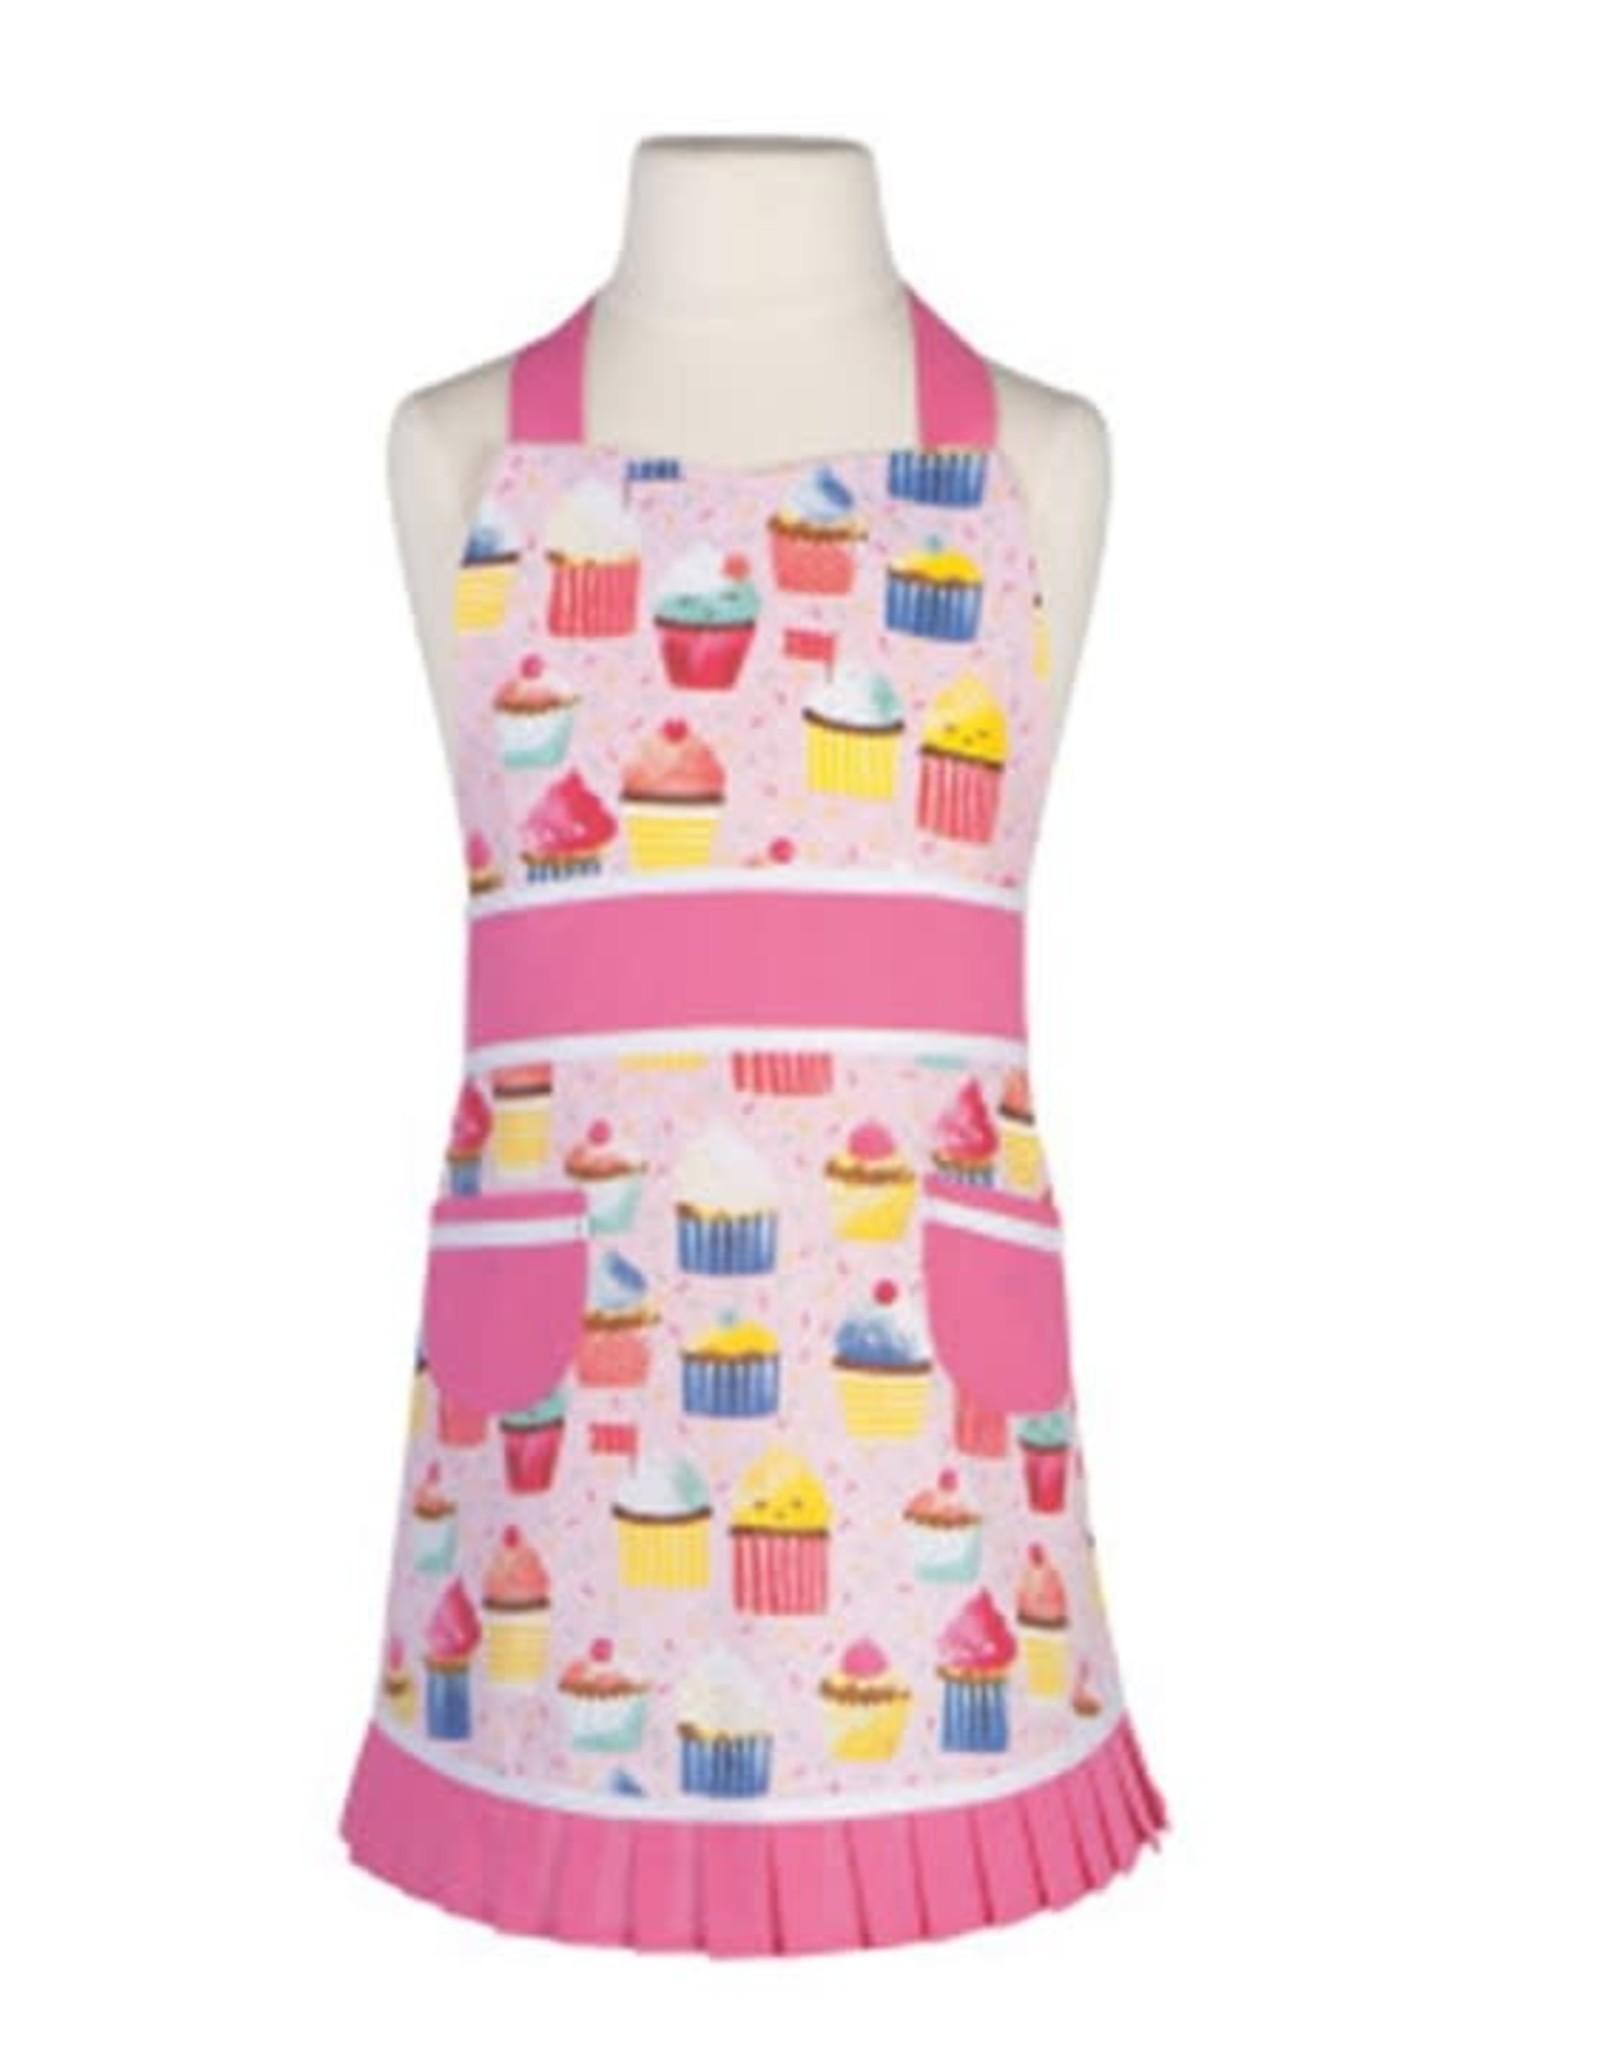 Petit tablier cupcakes - enfant